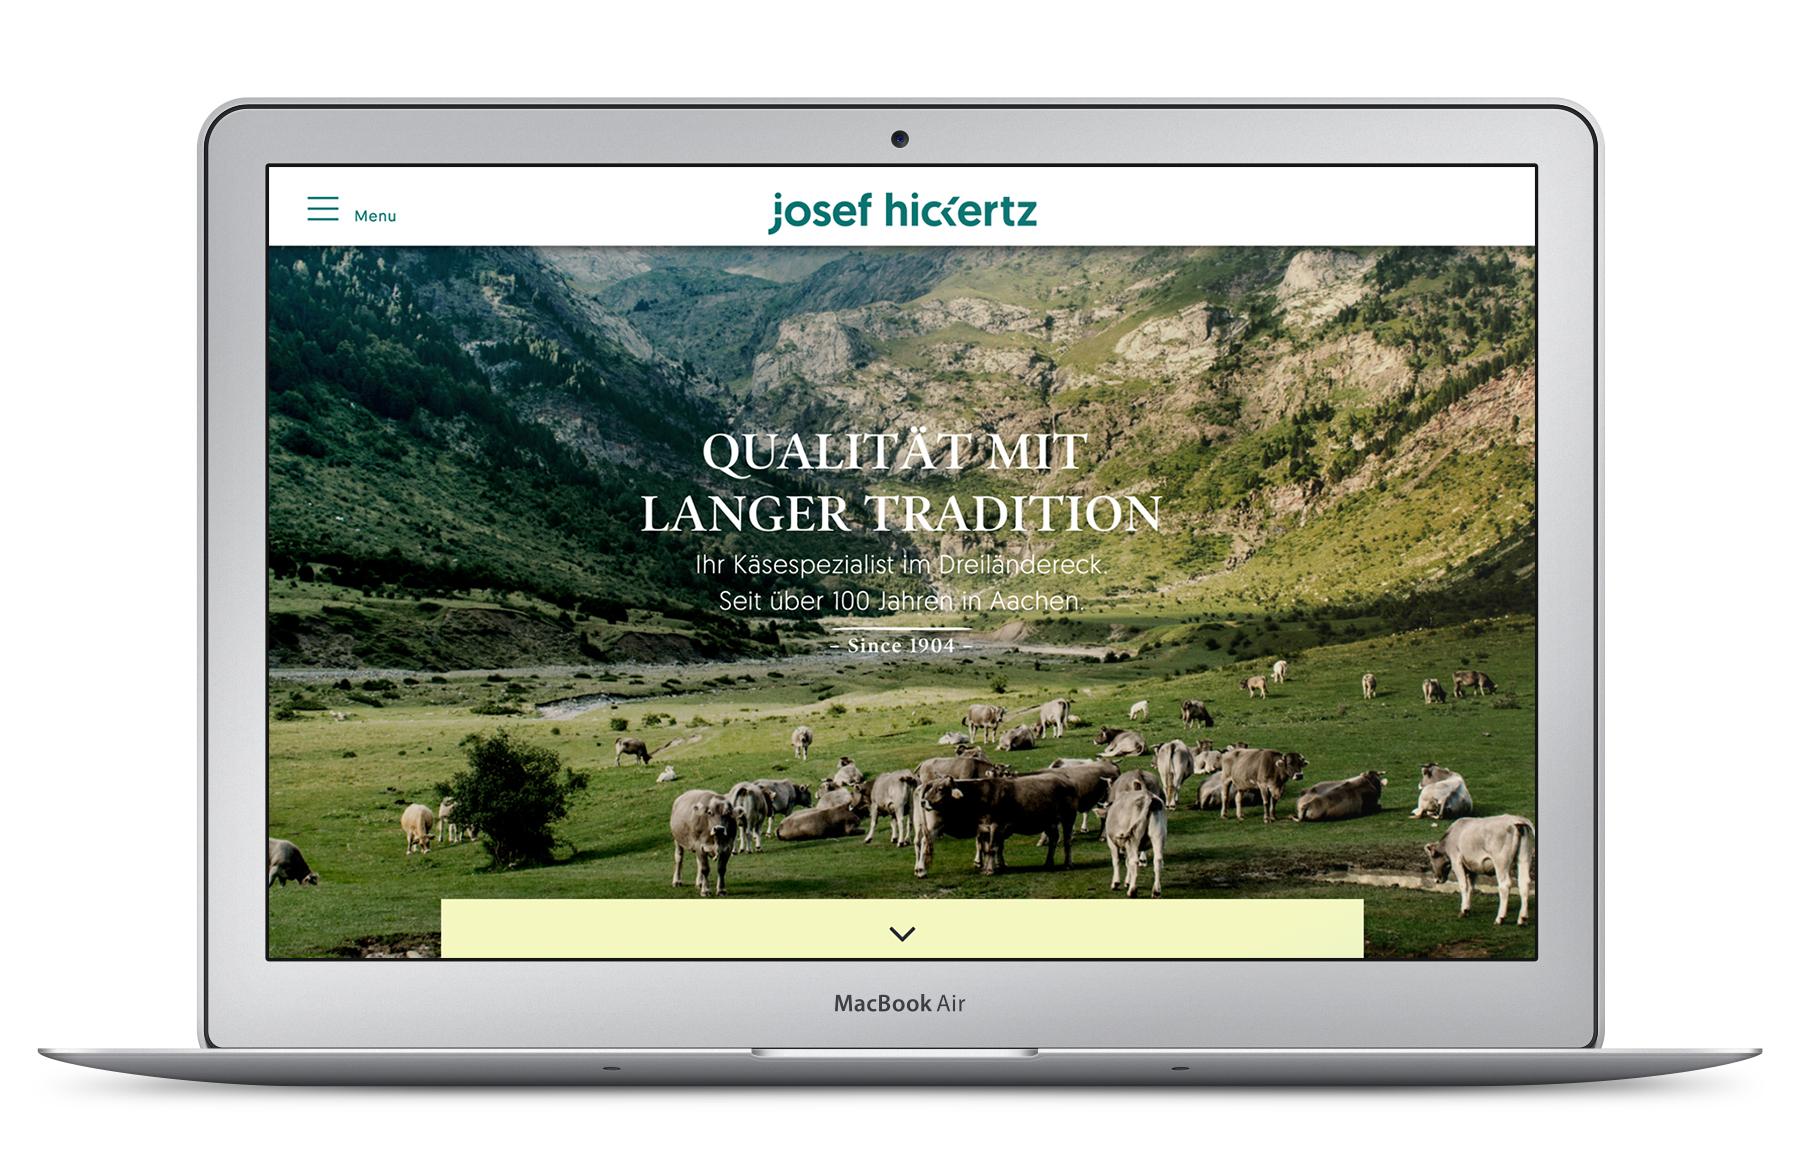 Hickertz-Webdesign und Webentwicklung